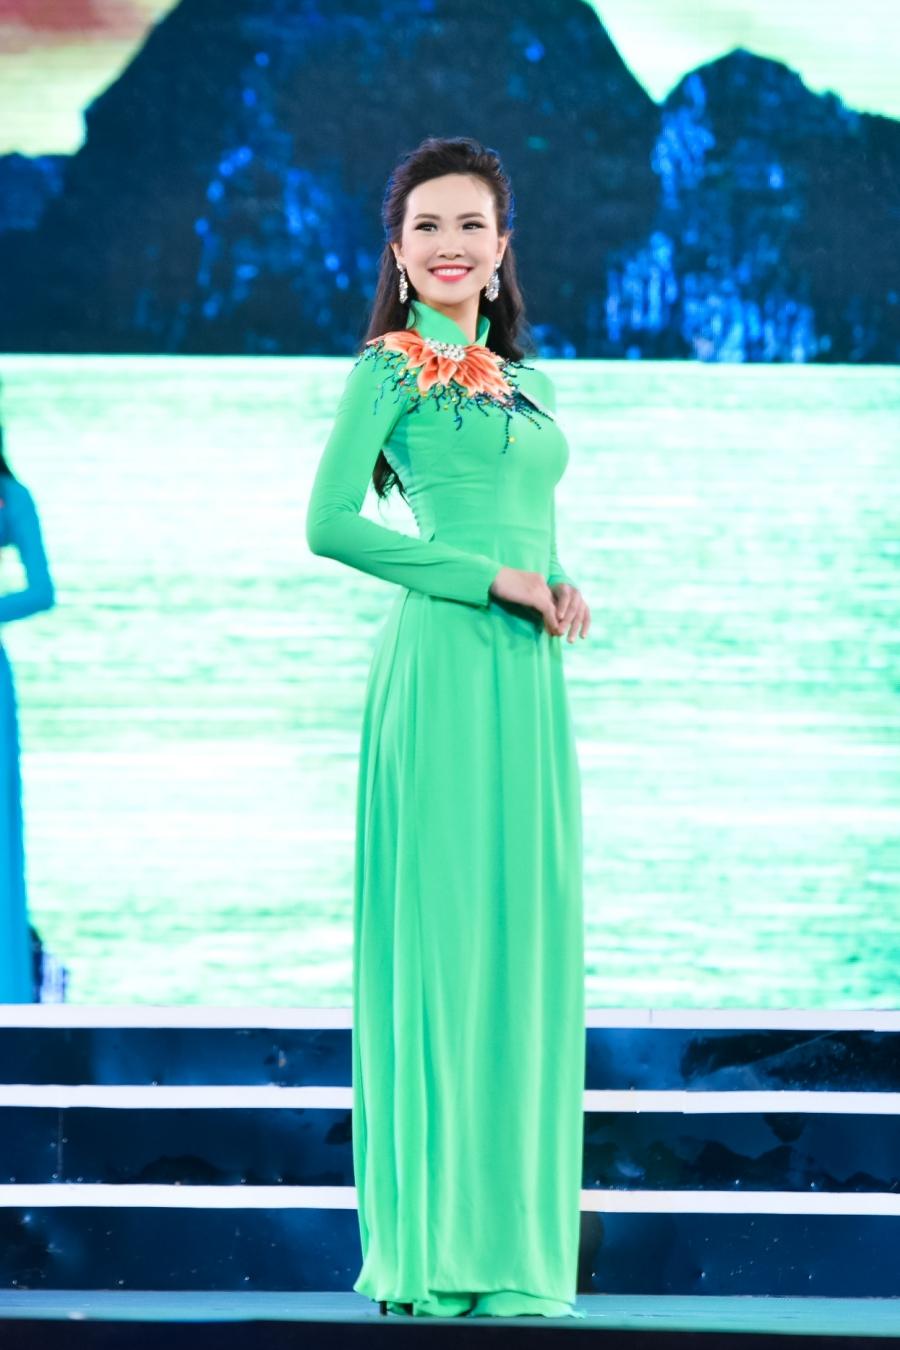 Thí sinh Sái Thị Hương Ly sinh năm 1994, đến từ Hải Dương.